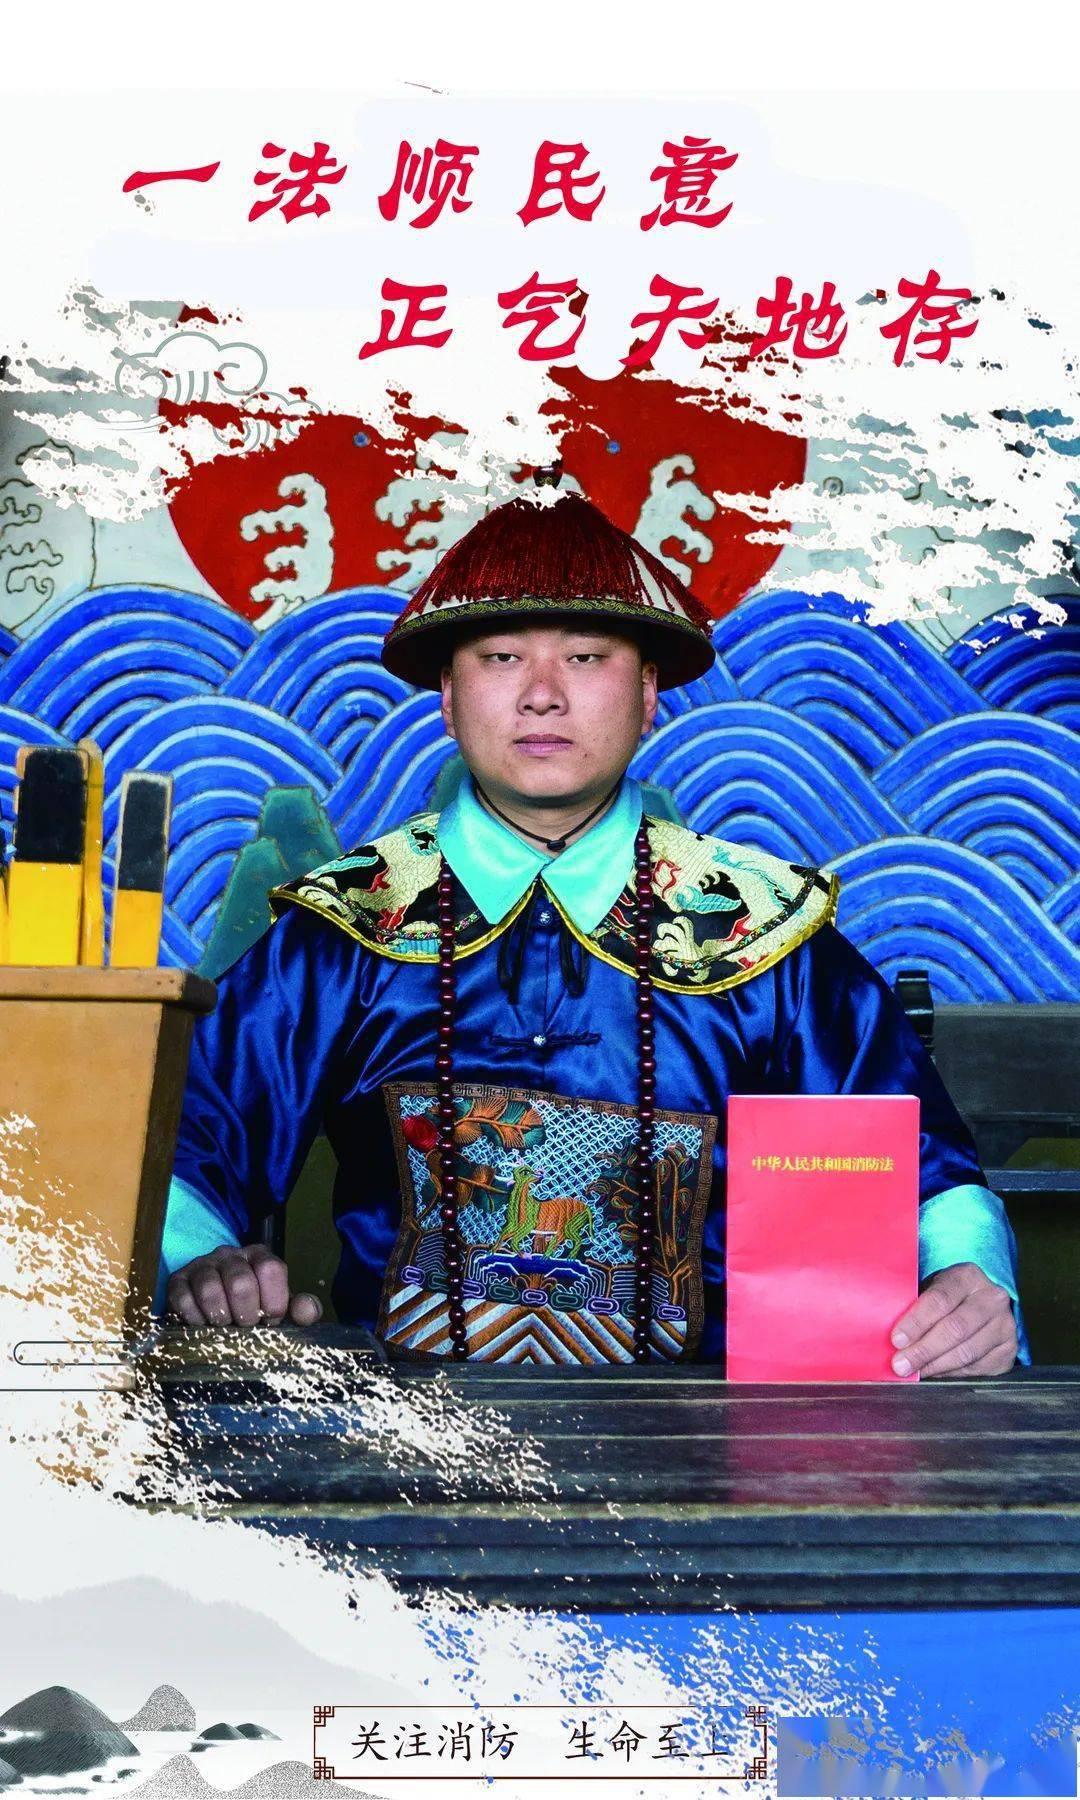 好穿越!平遥古城的县太爷做起了消防宣传!有趣且有意义!